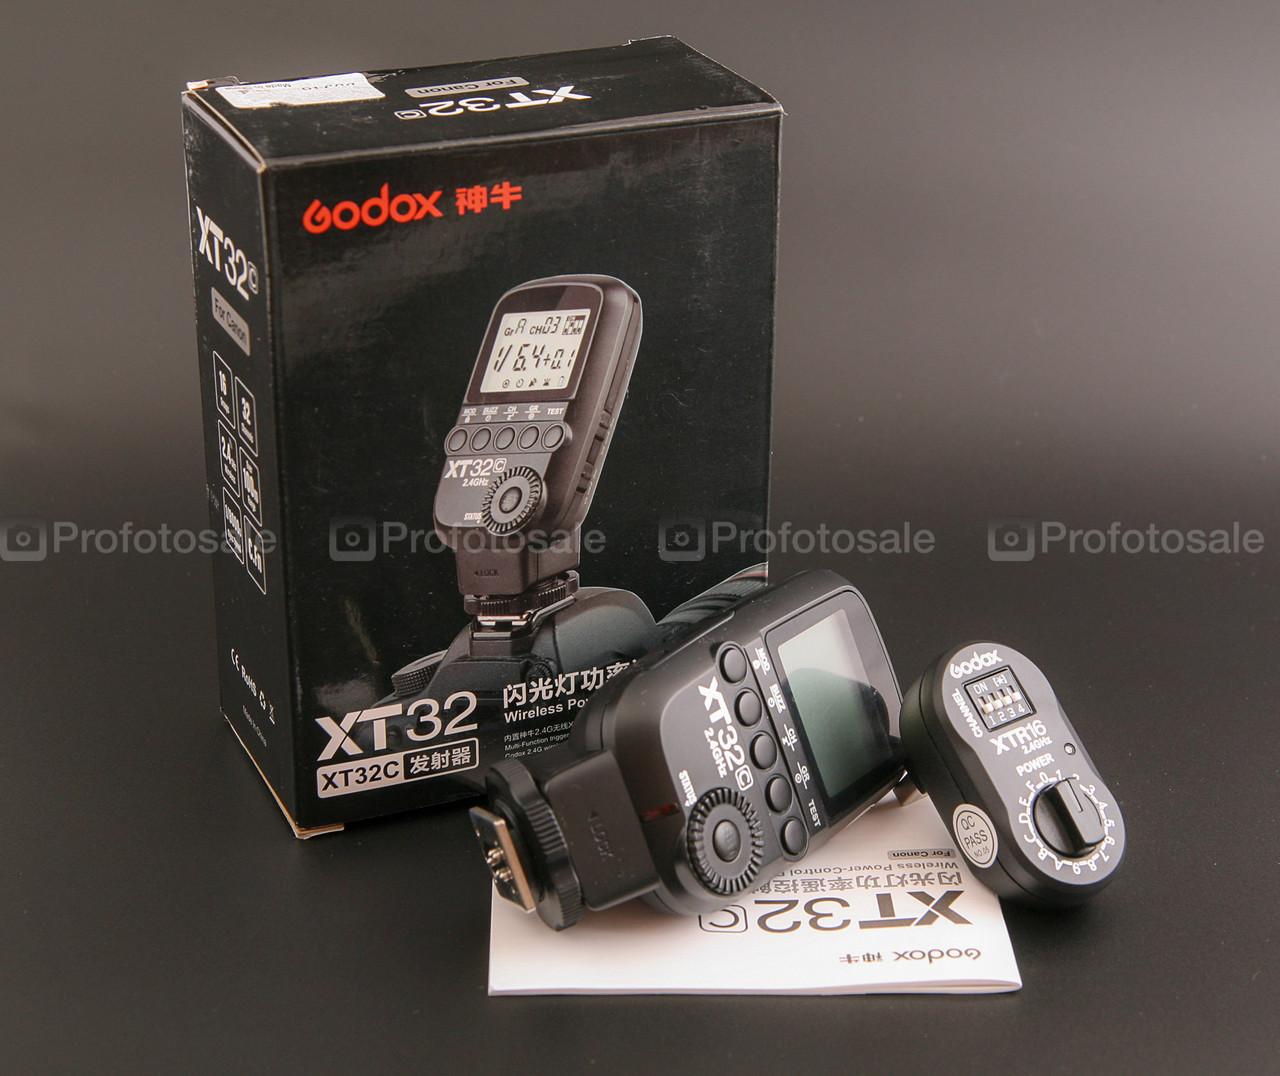 Godox XT-32C